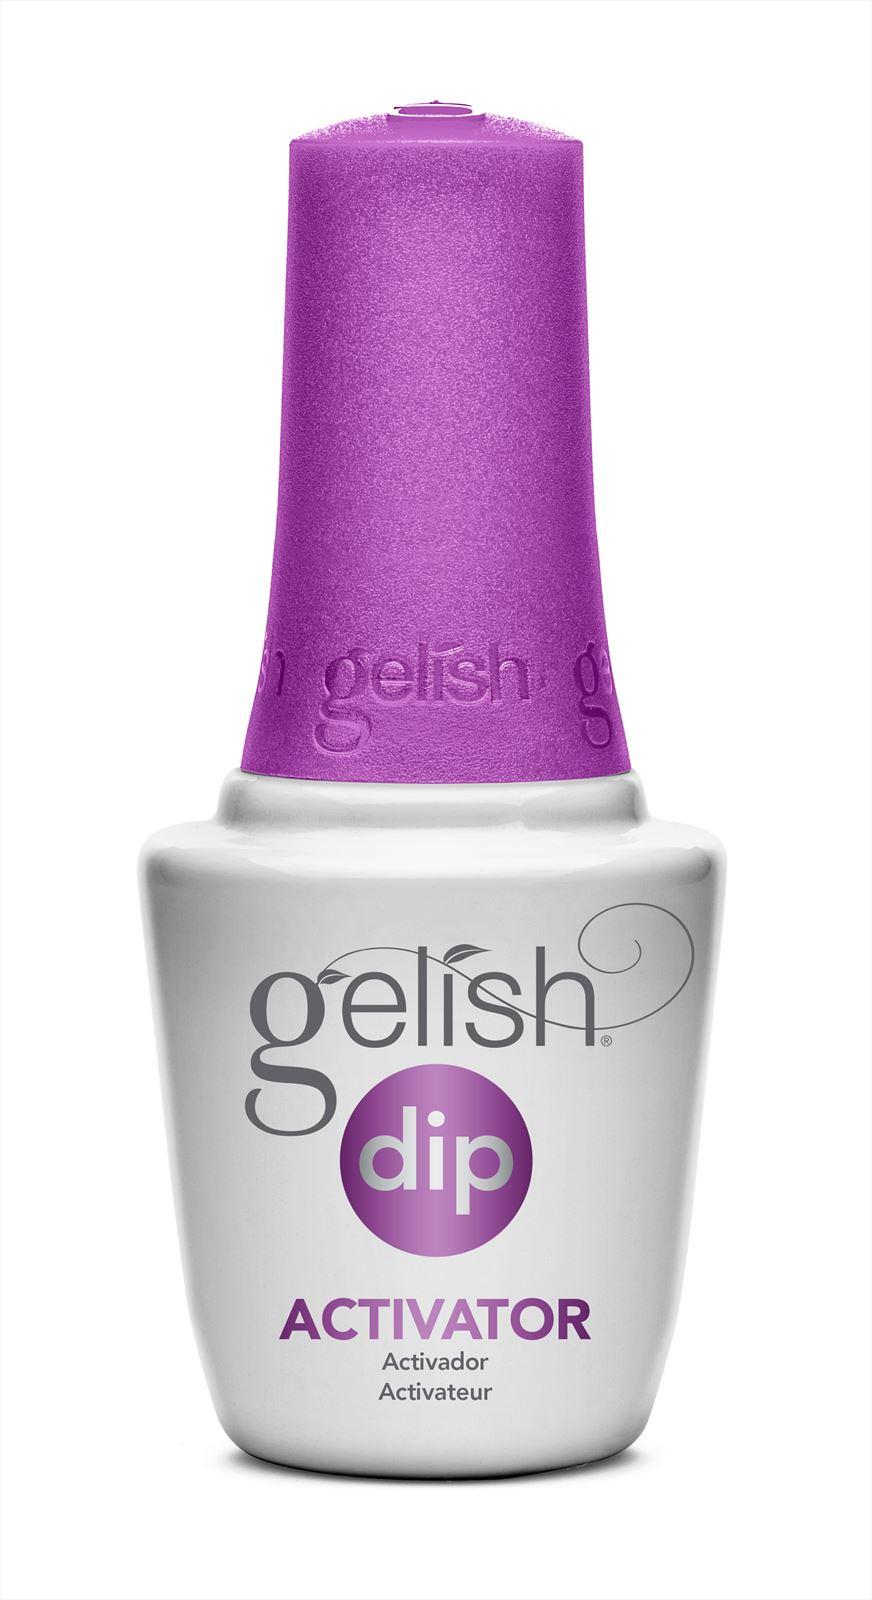 Afbeelding van Gelish Dip - Activator